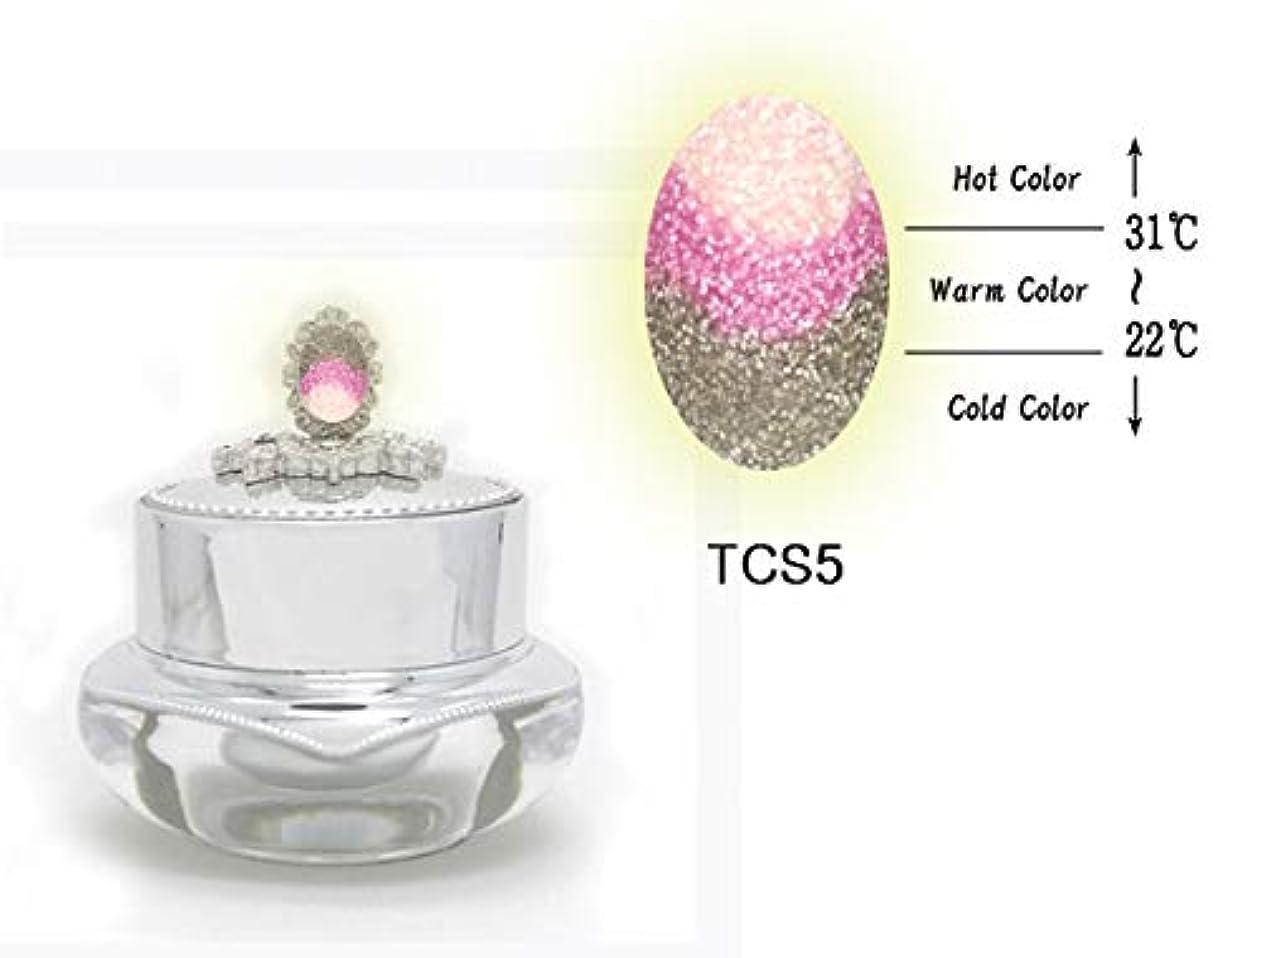 さわやか毒証書KENZICO (ケンジコ) Triple Sugar Gel プロ用5g 【TCS5】 3つの色に変わる夜光ジェル トリプルシュガージェル